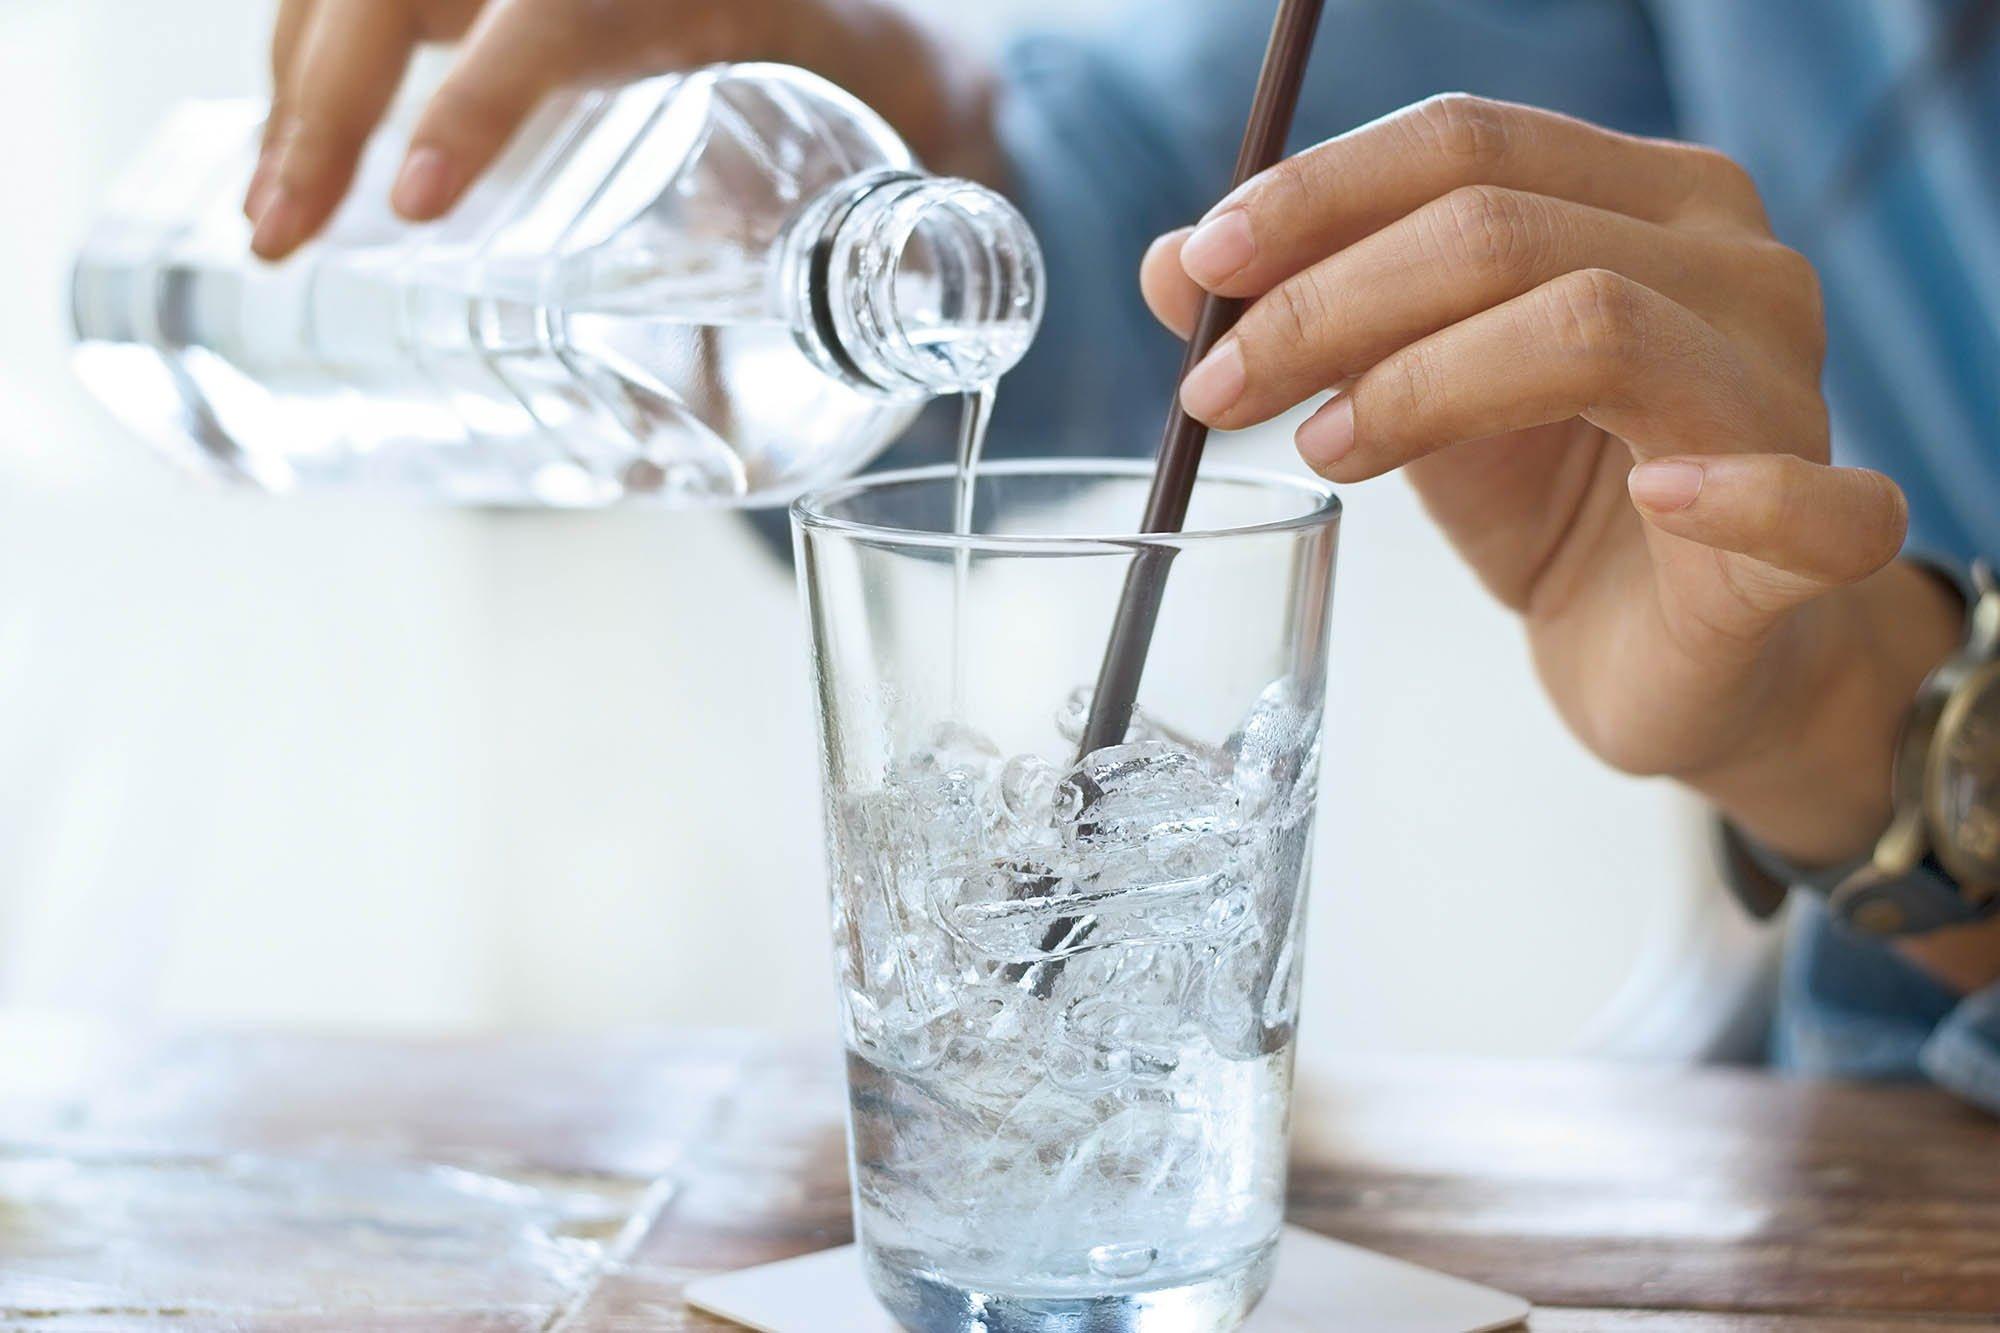 vaso con hielo y agua